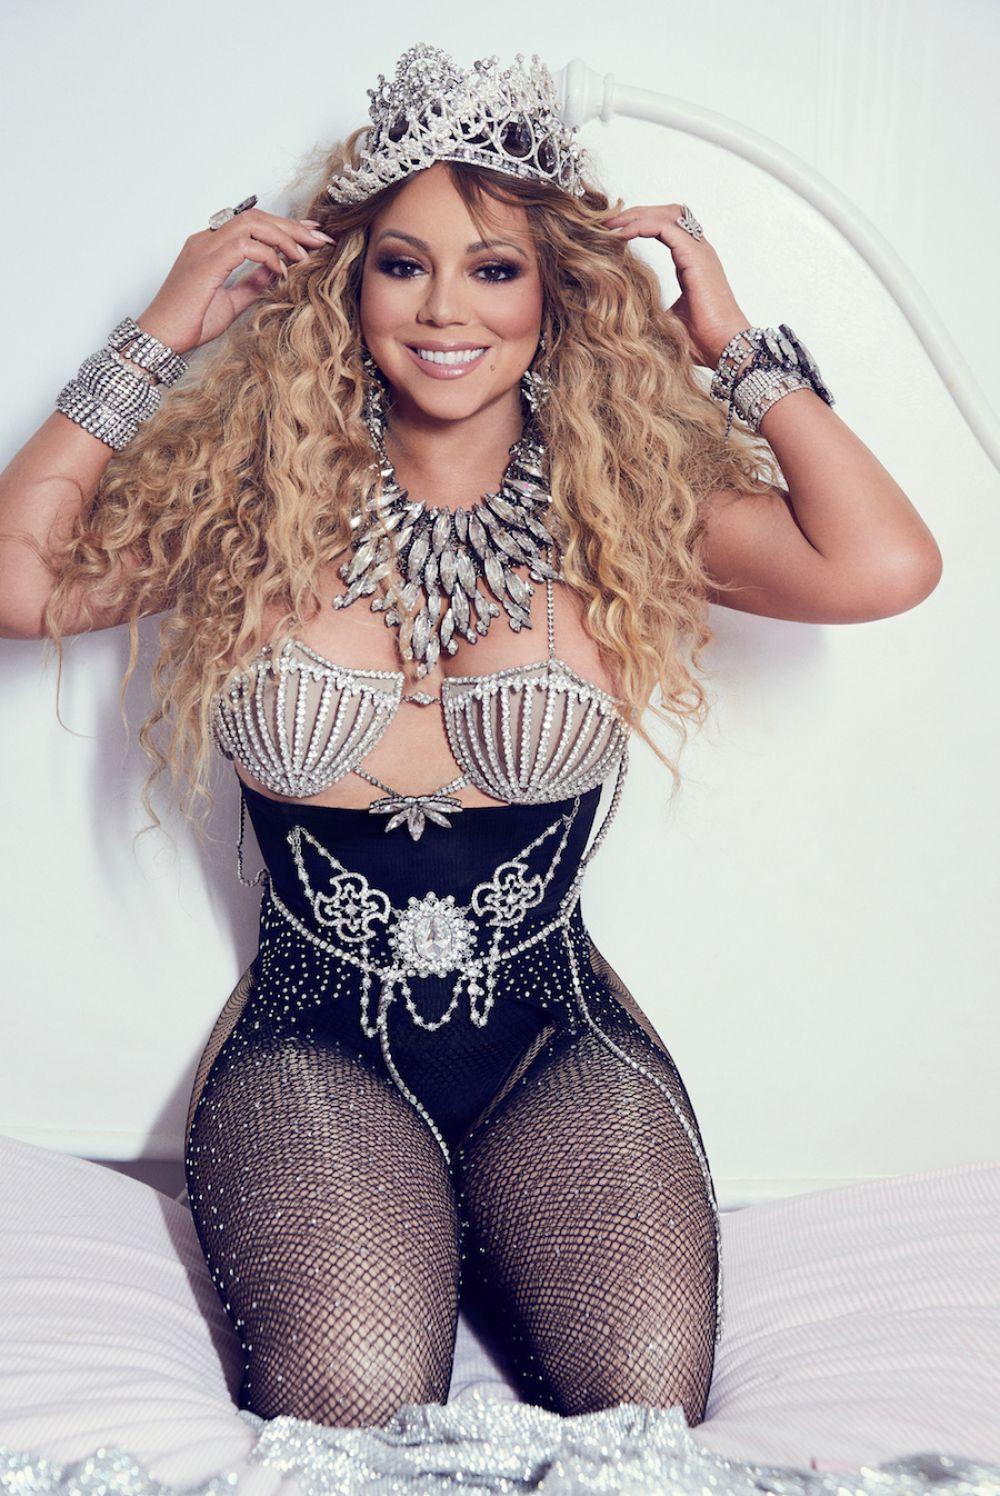 Mariah Carey Topless Lingerie